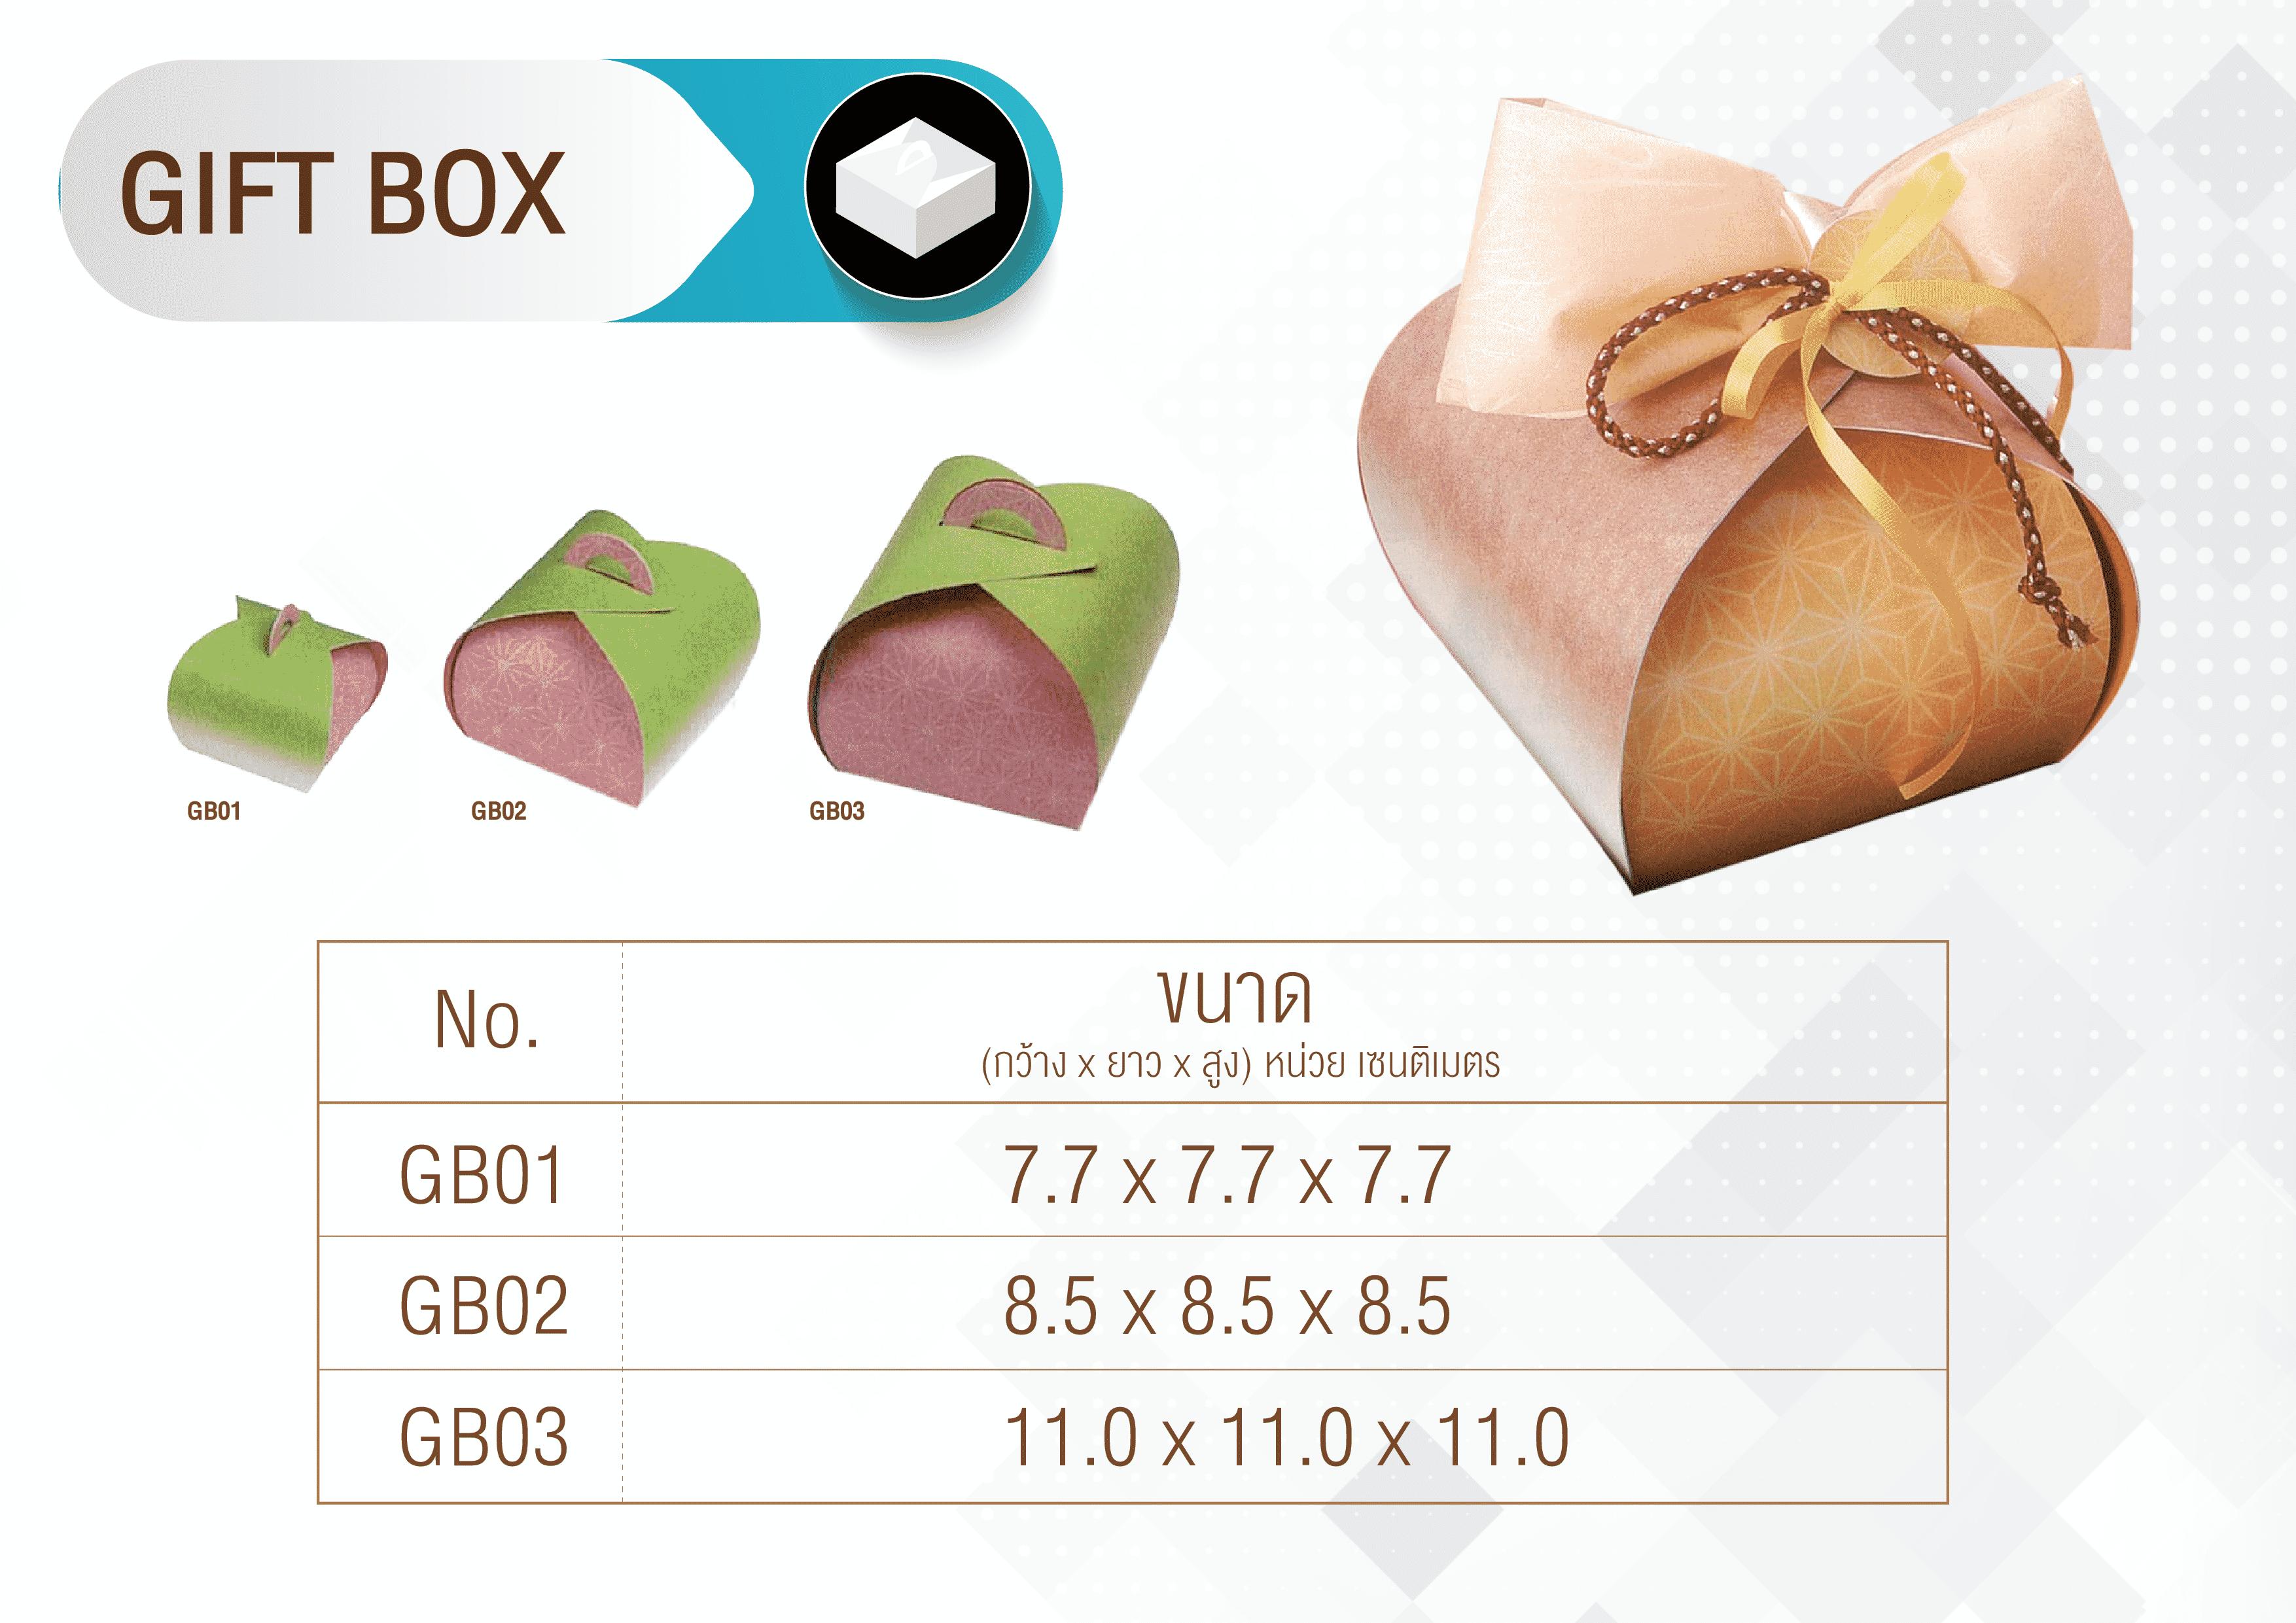 รูป Present Packaging Ricco 04 - ประกอบเนื้อหา กล่องบรรจุภัณฑ์